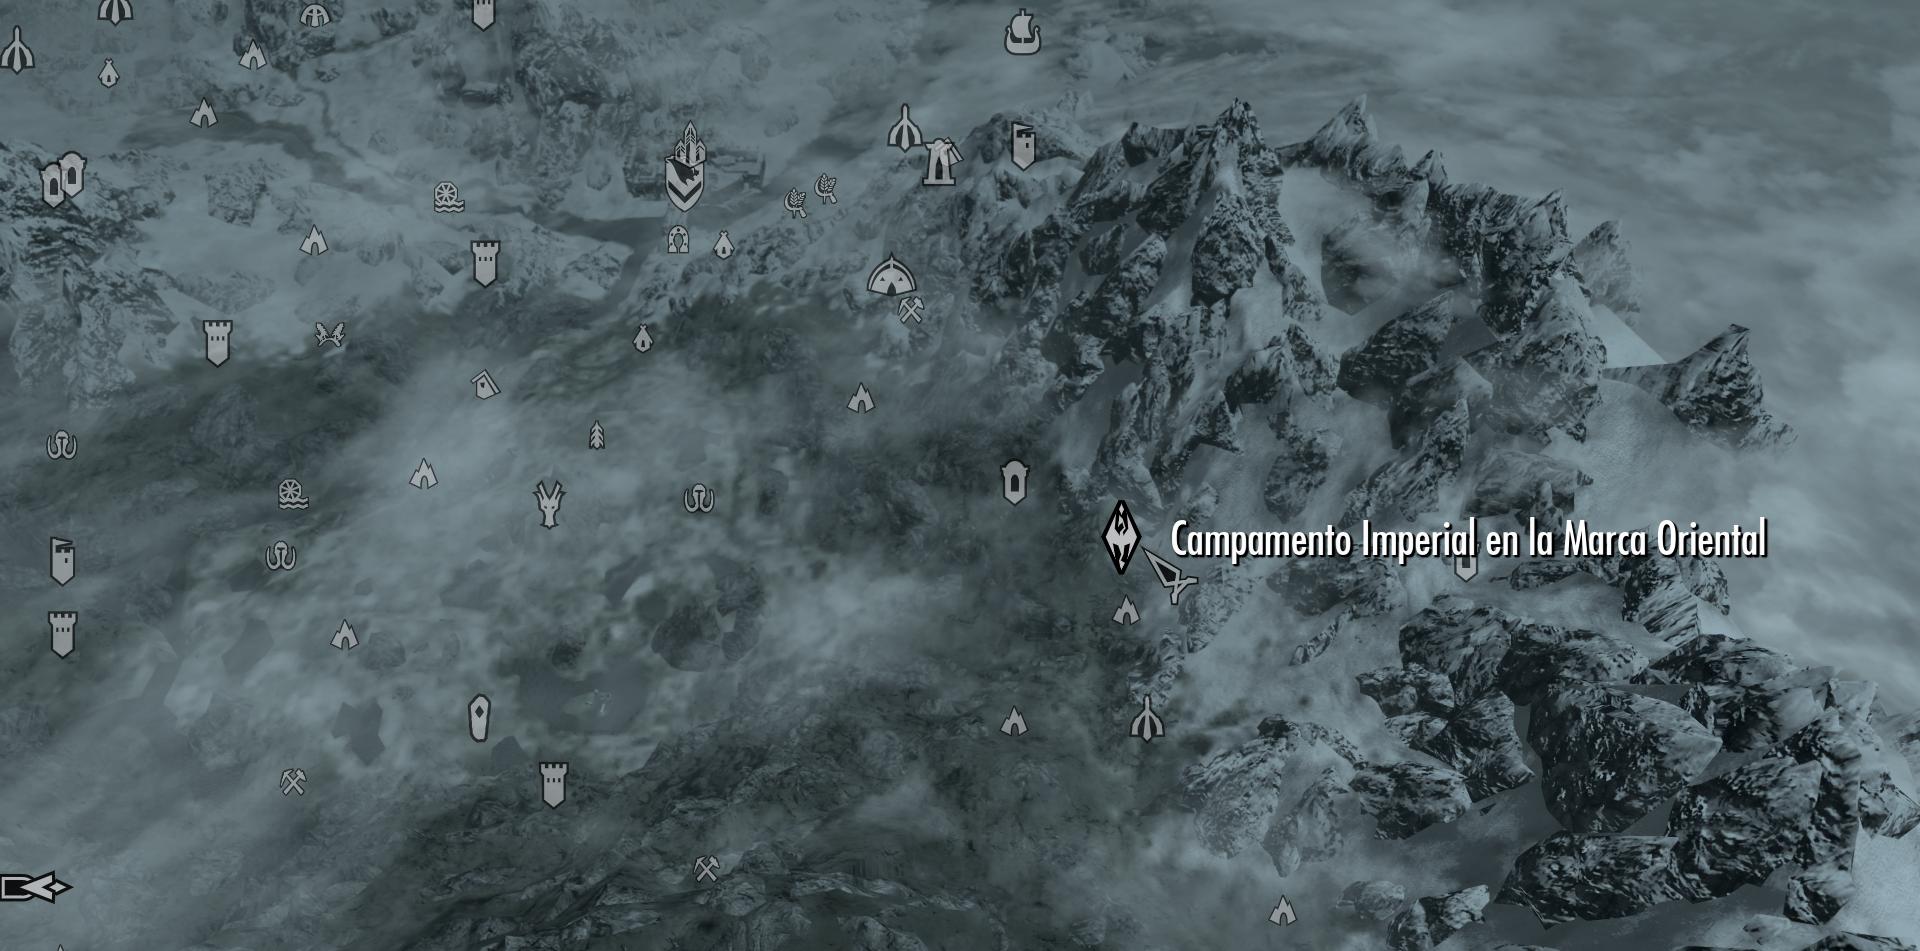 Campamento Imperial en la Marca Oriental